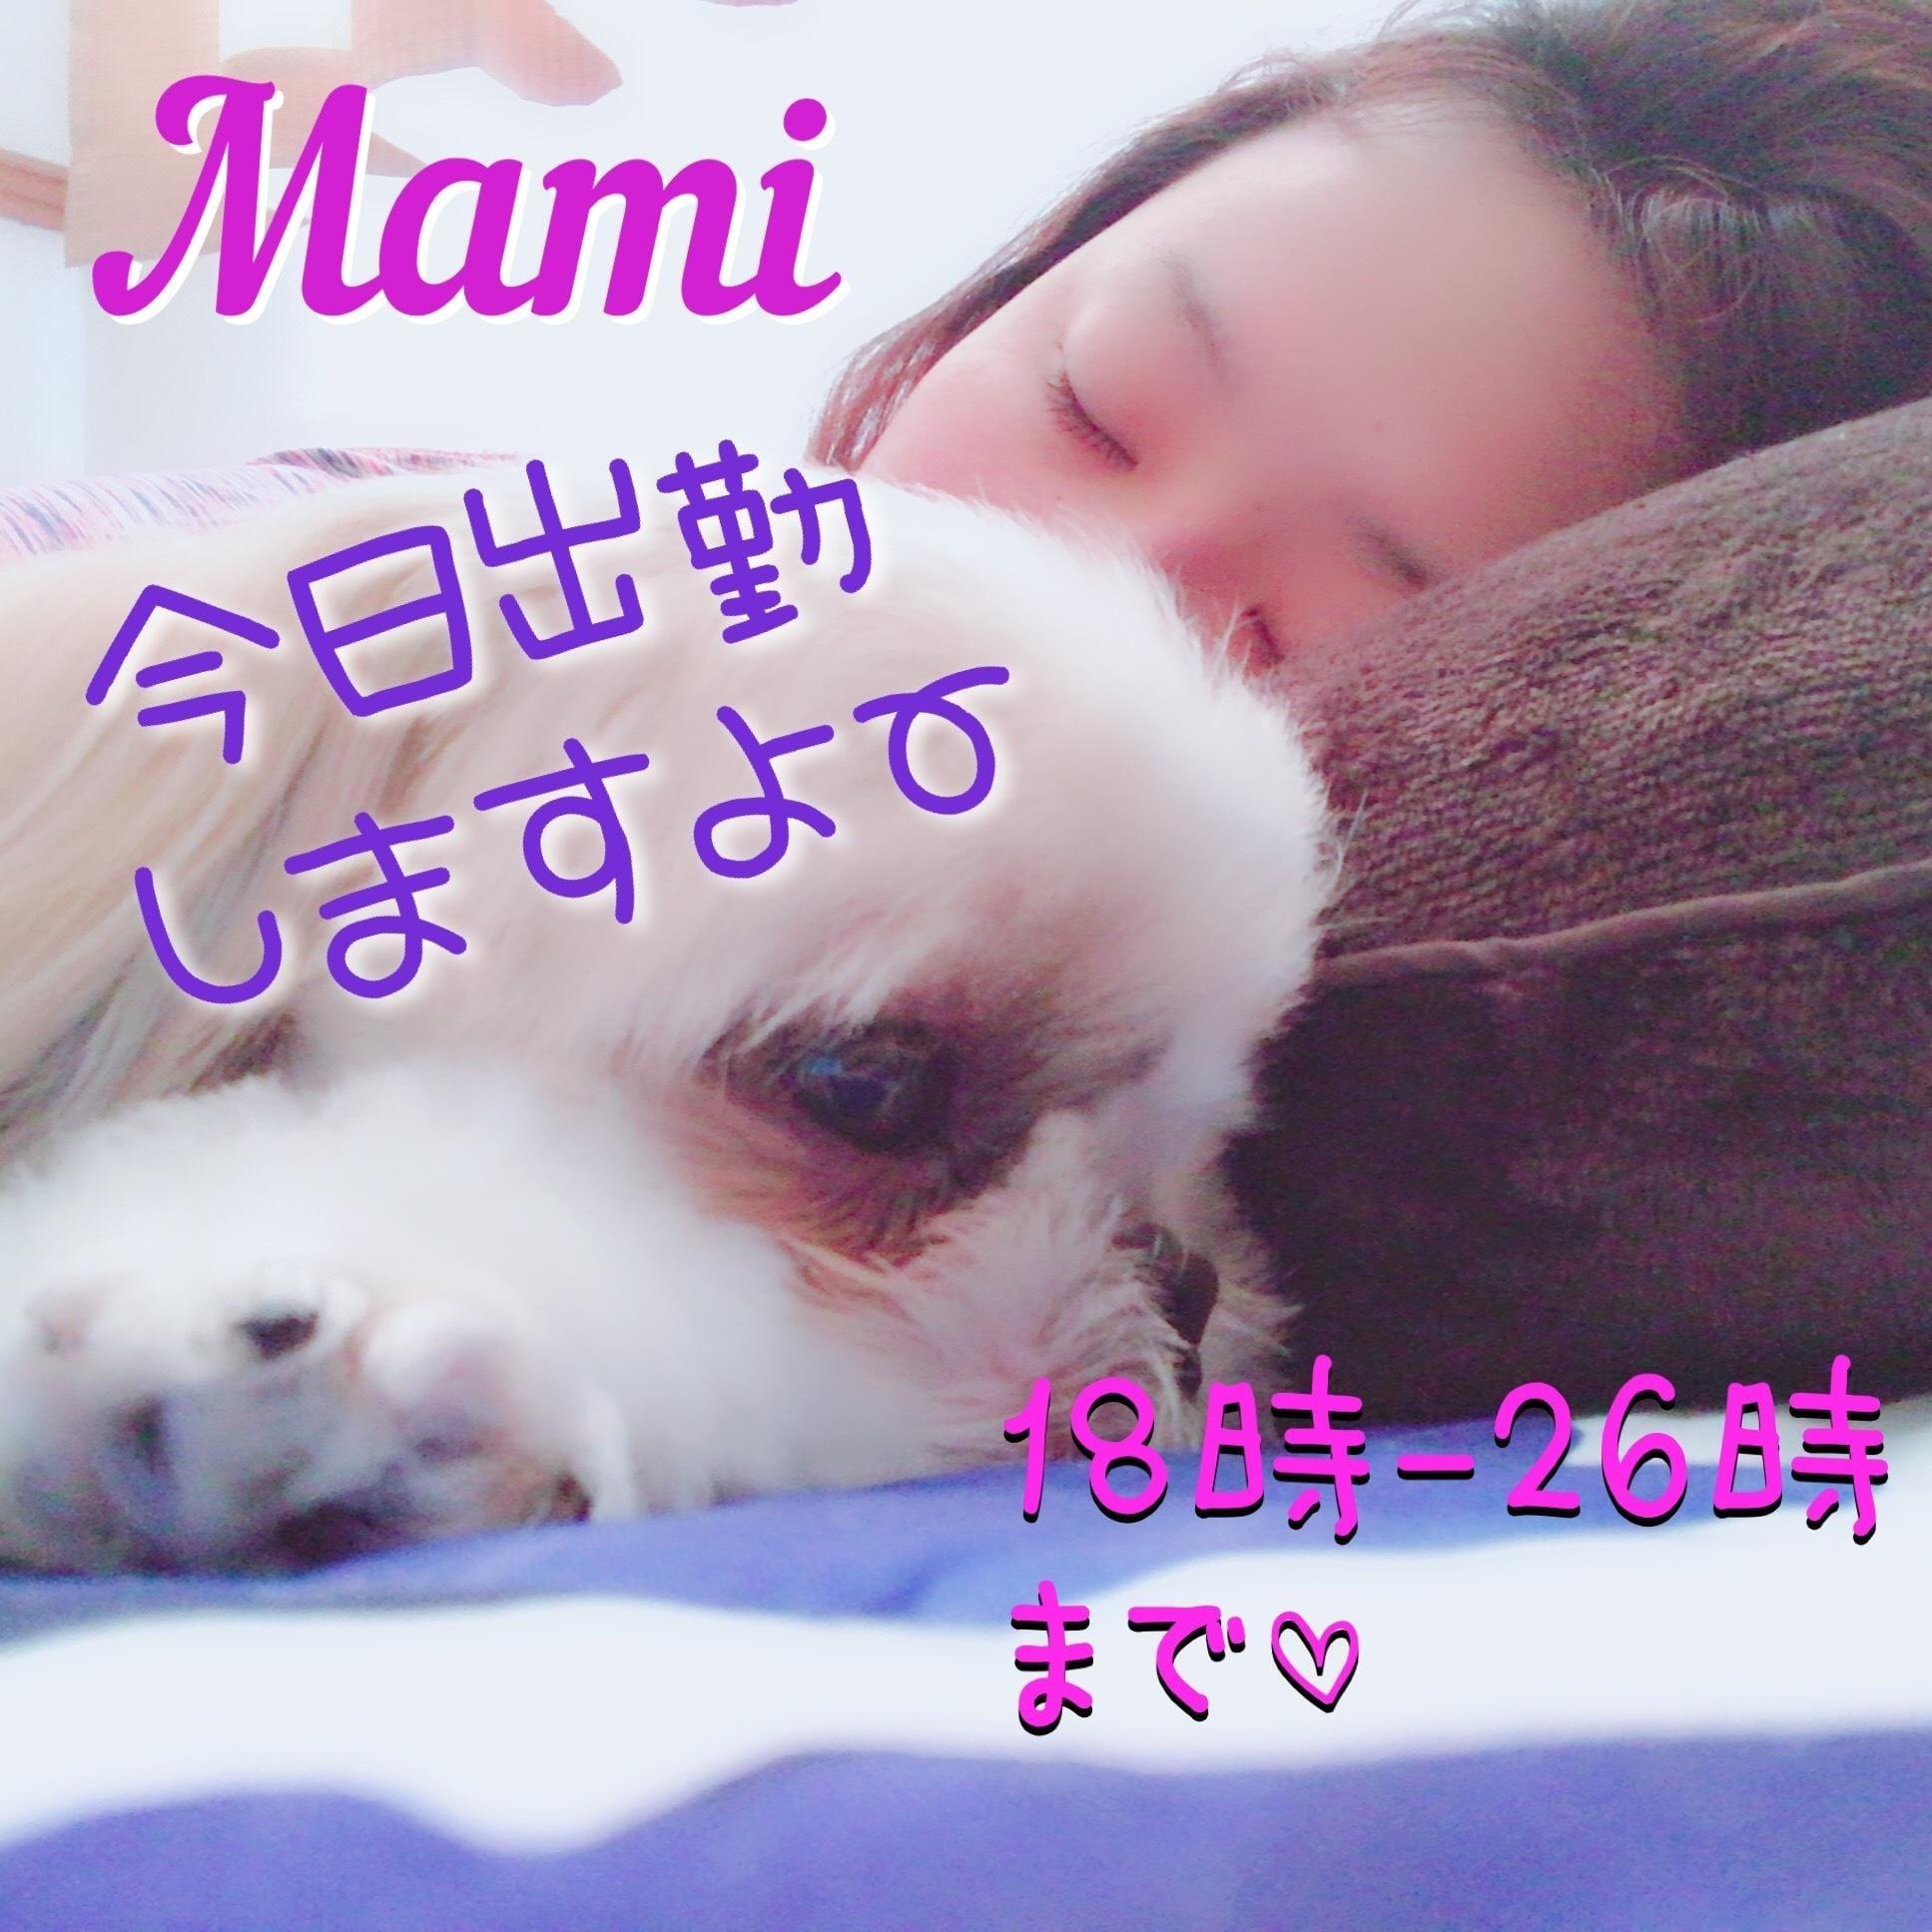 「ぷら日記?今日出勤するよん」11/19(11/19) 15:23   まみの写メ・風俗動画